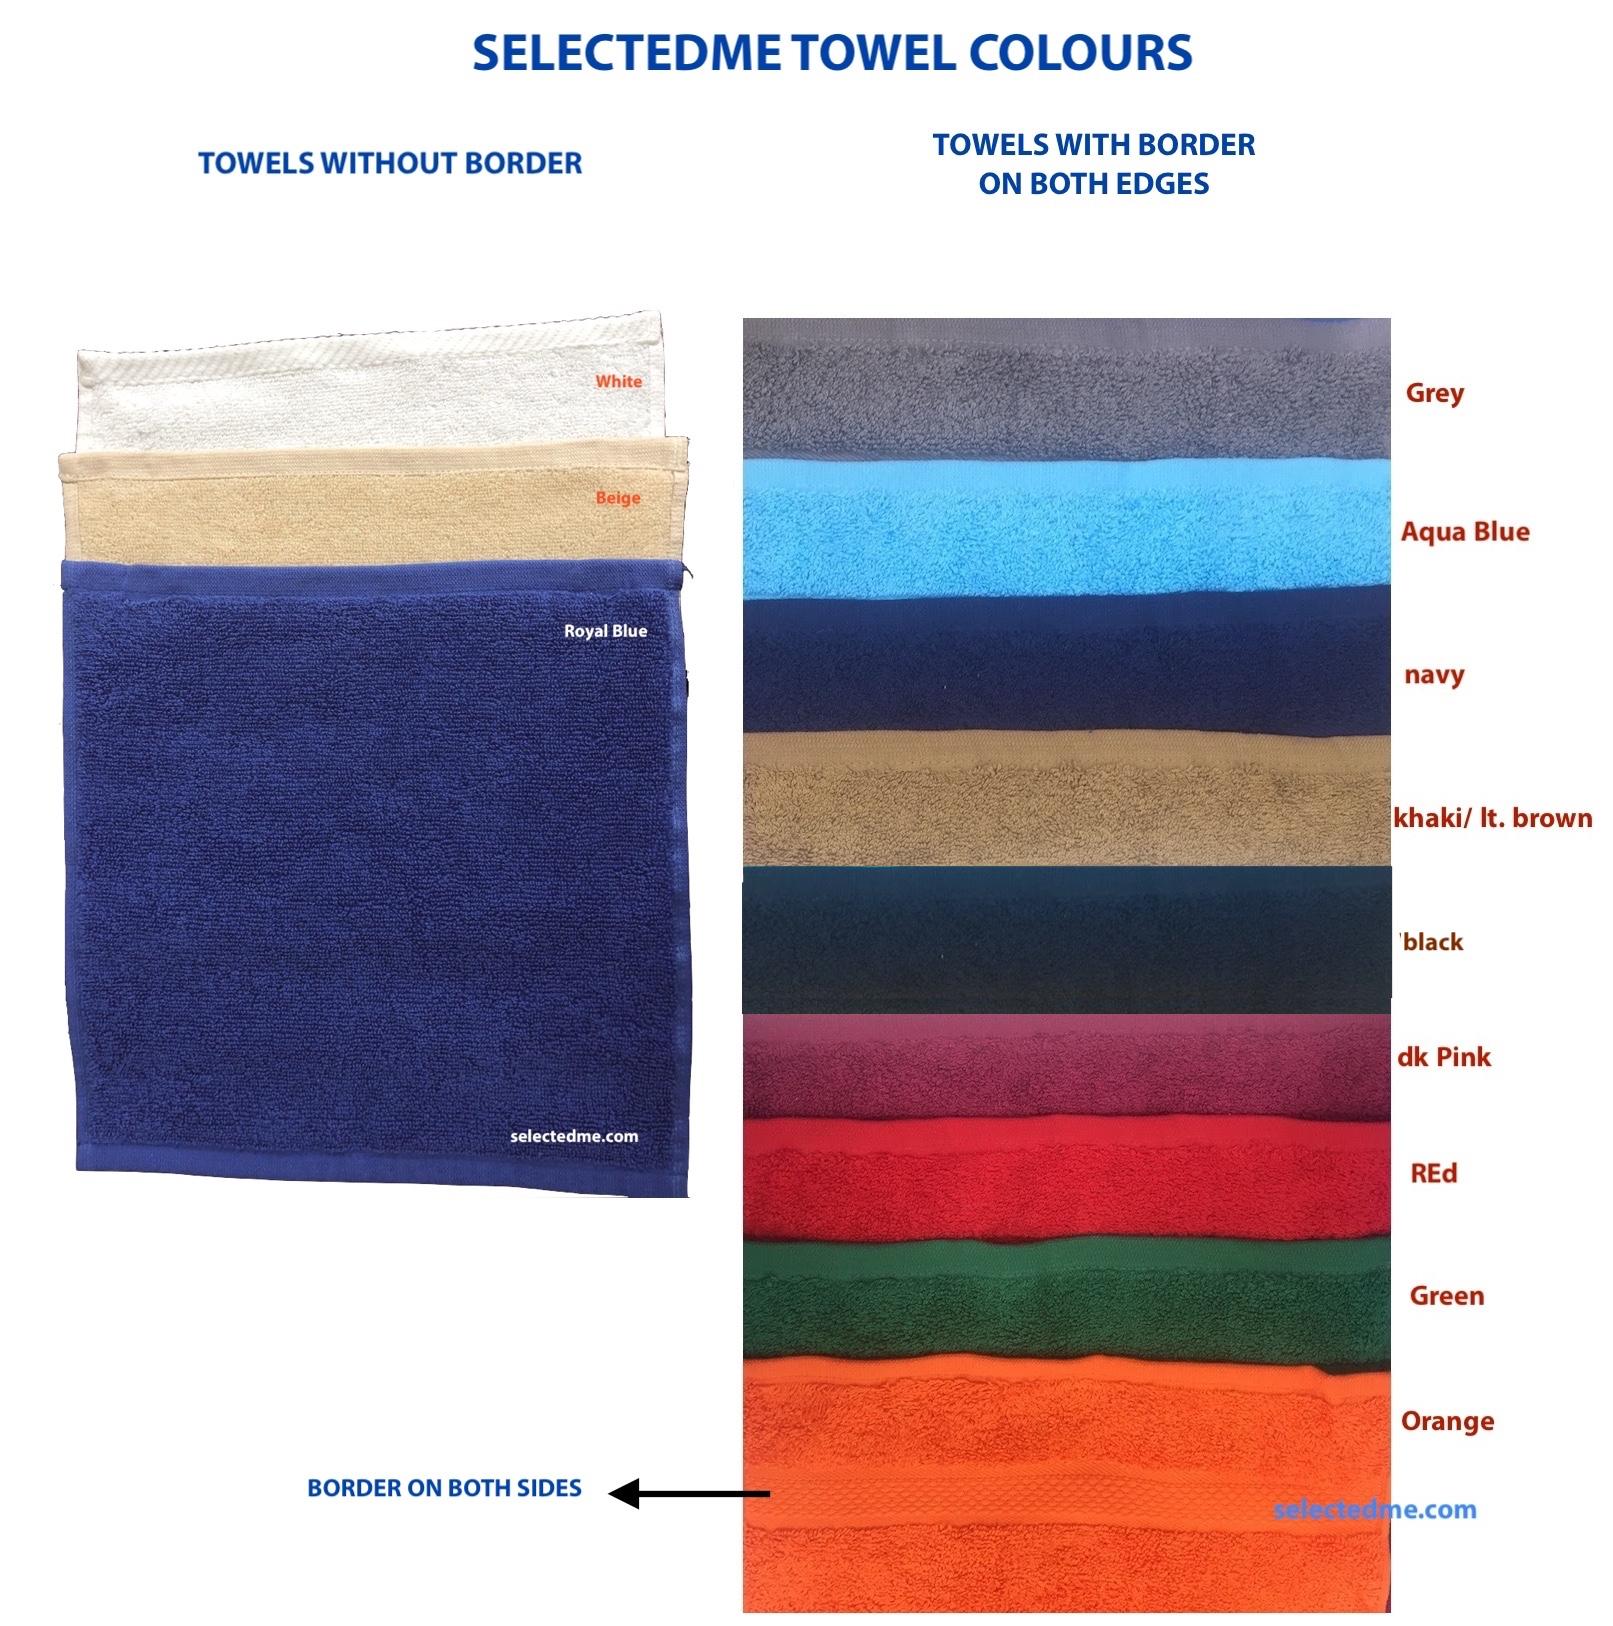 SelectedME Towel Colours